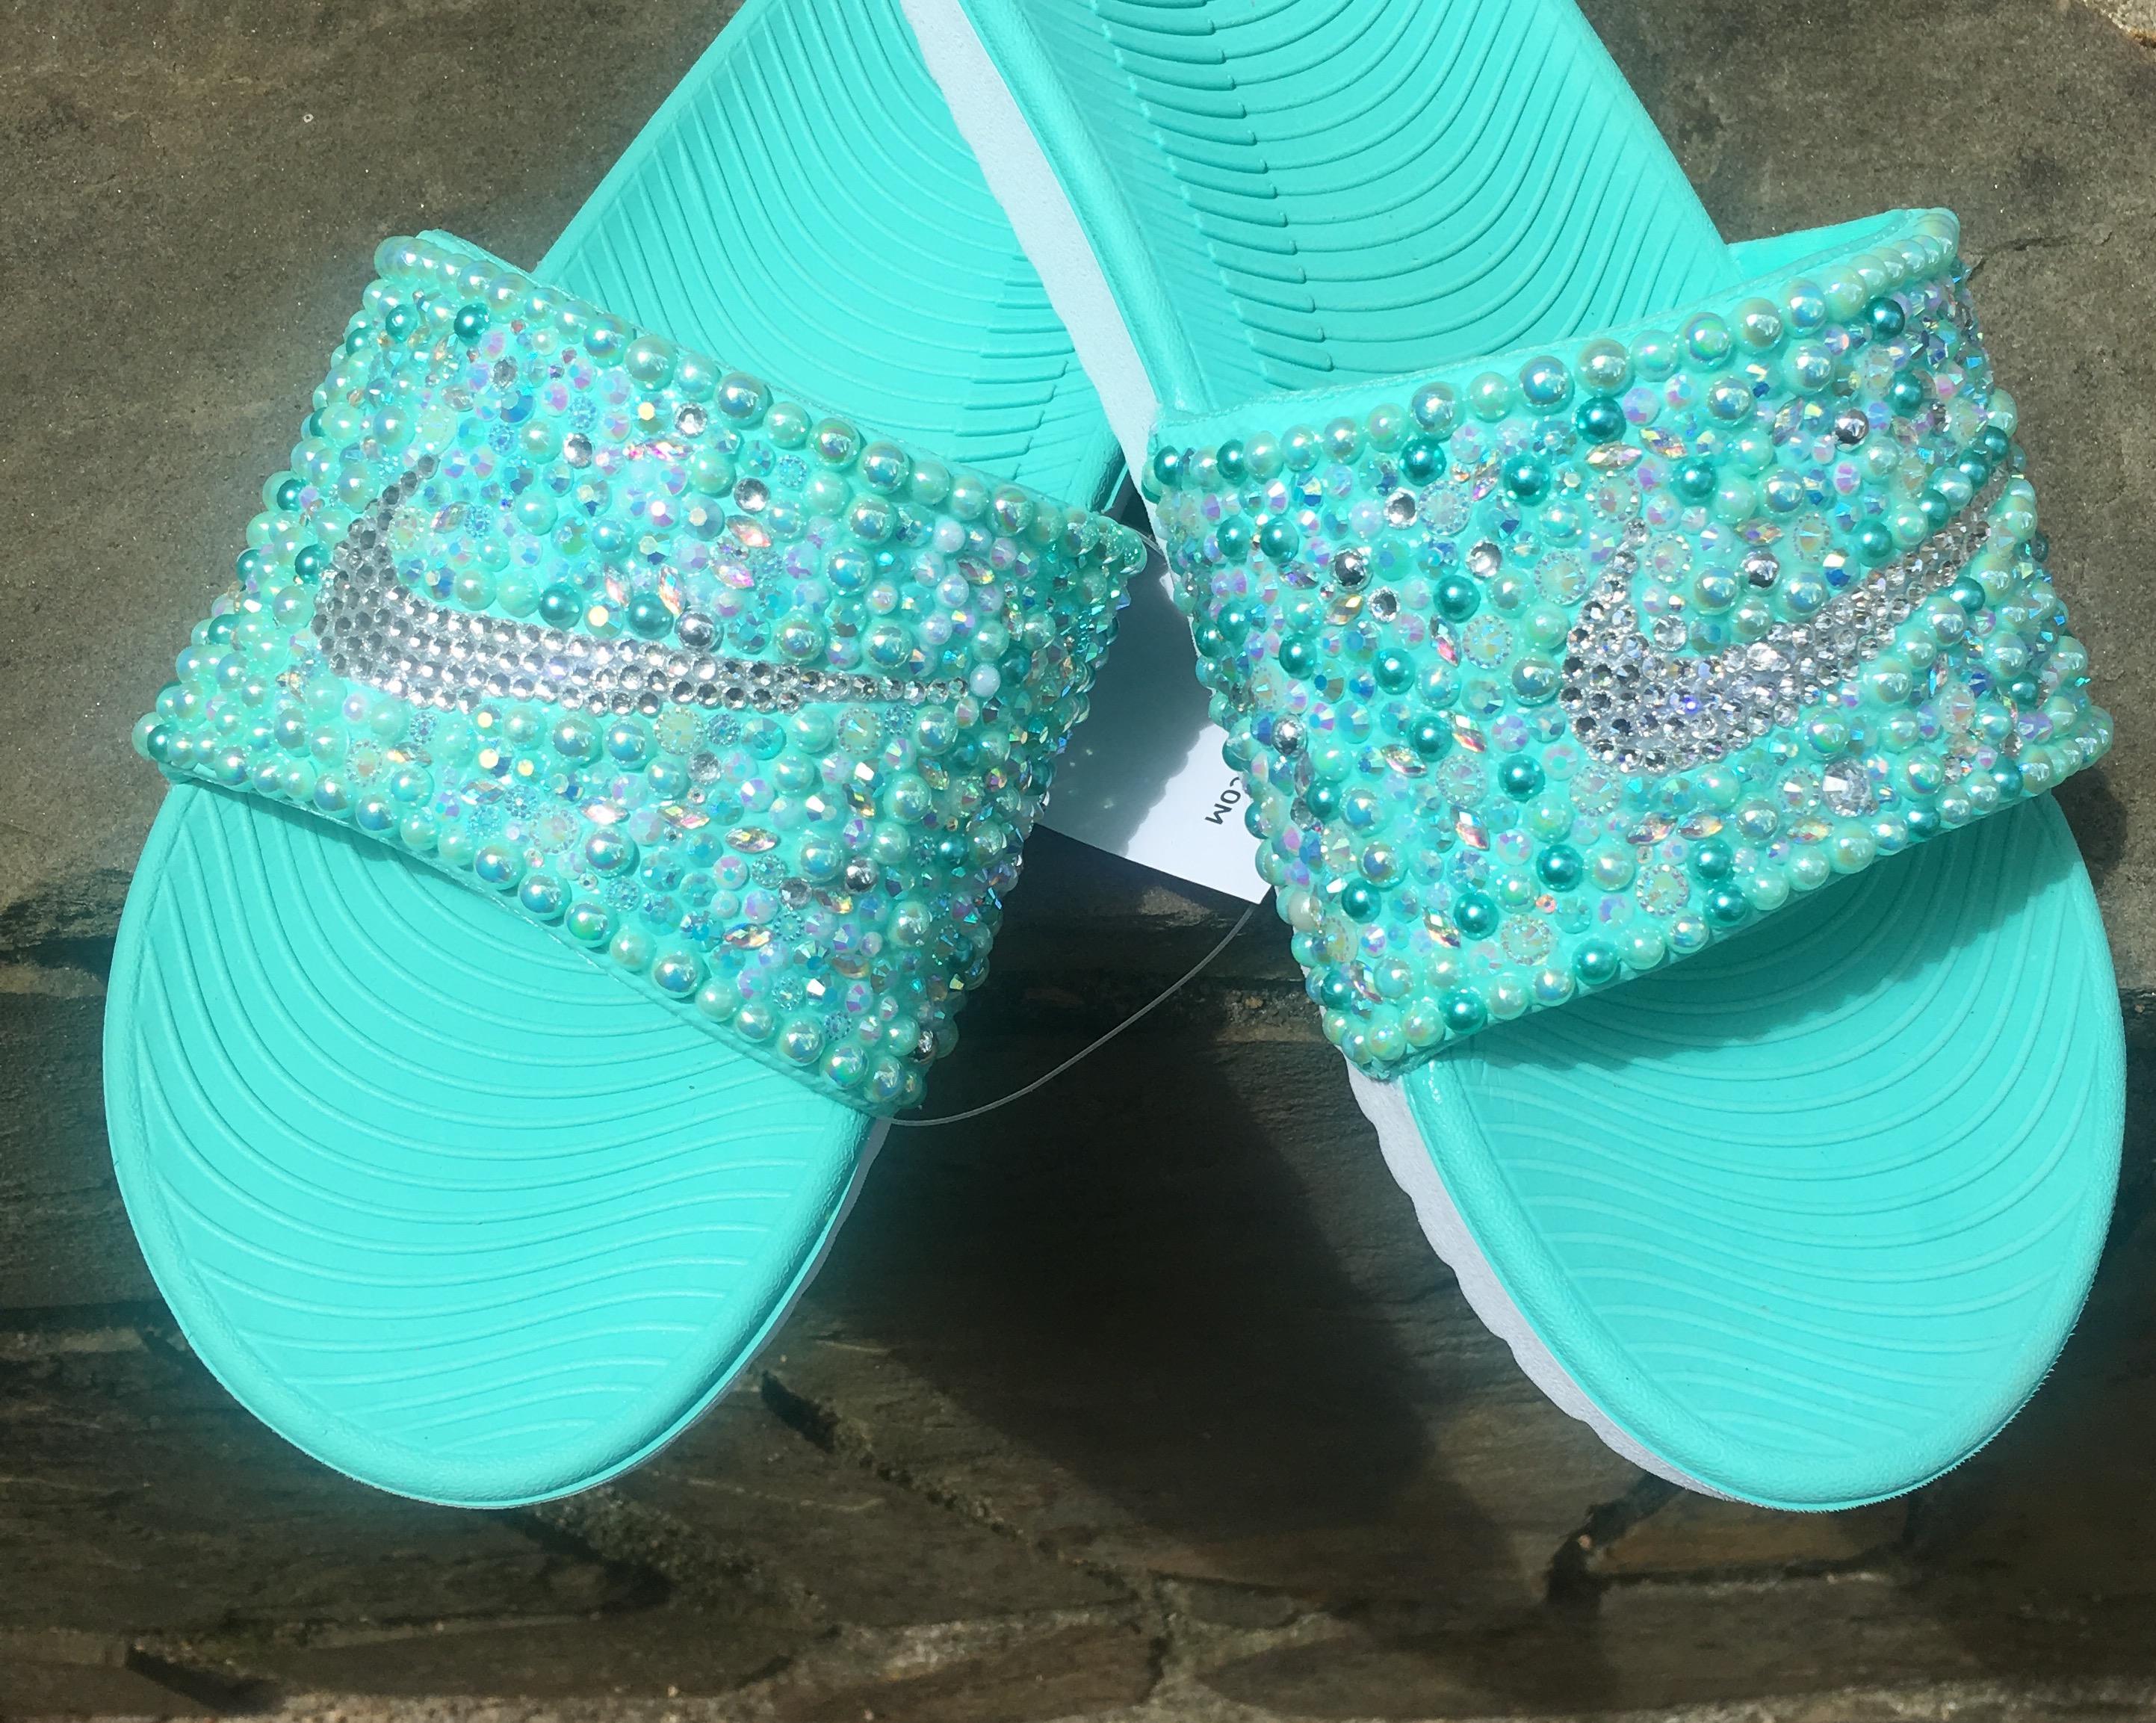 f1abb5fe61cce Bling Nike Slides